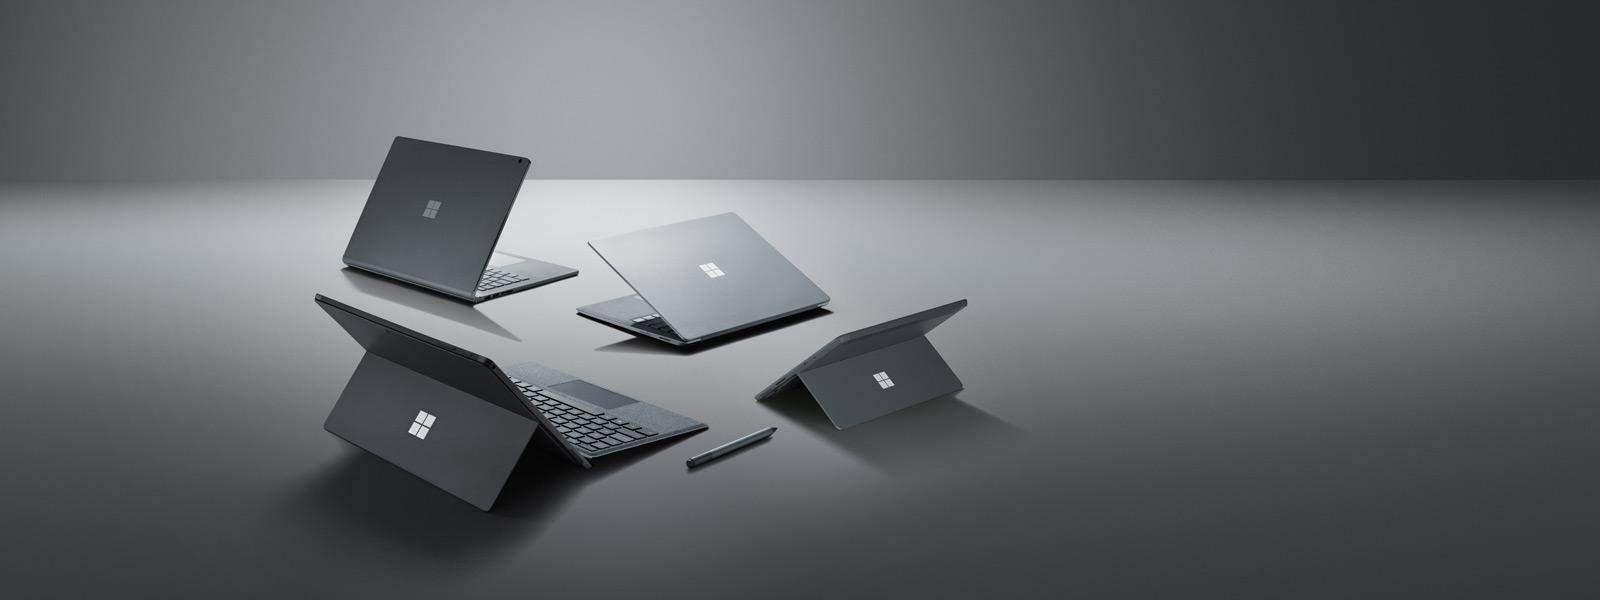 Surface-Produktfamilie